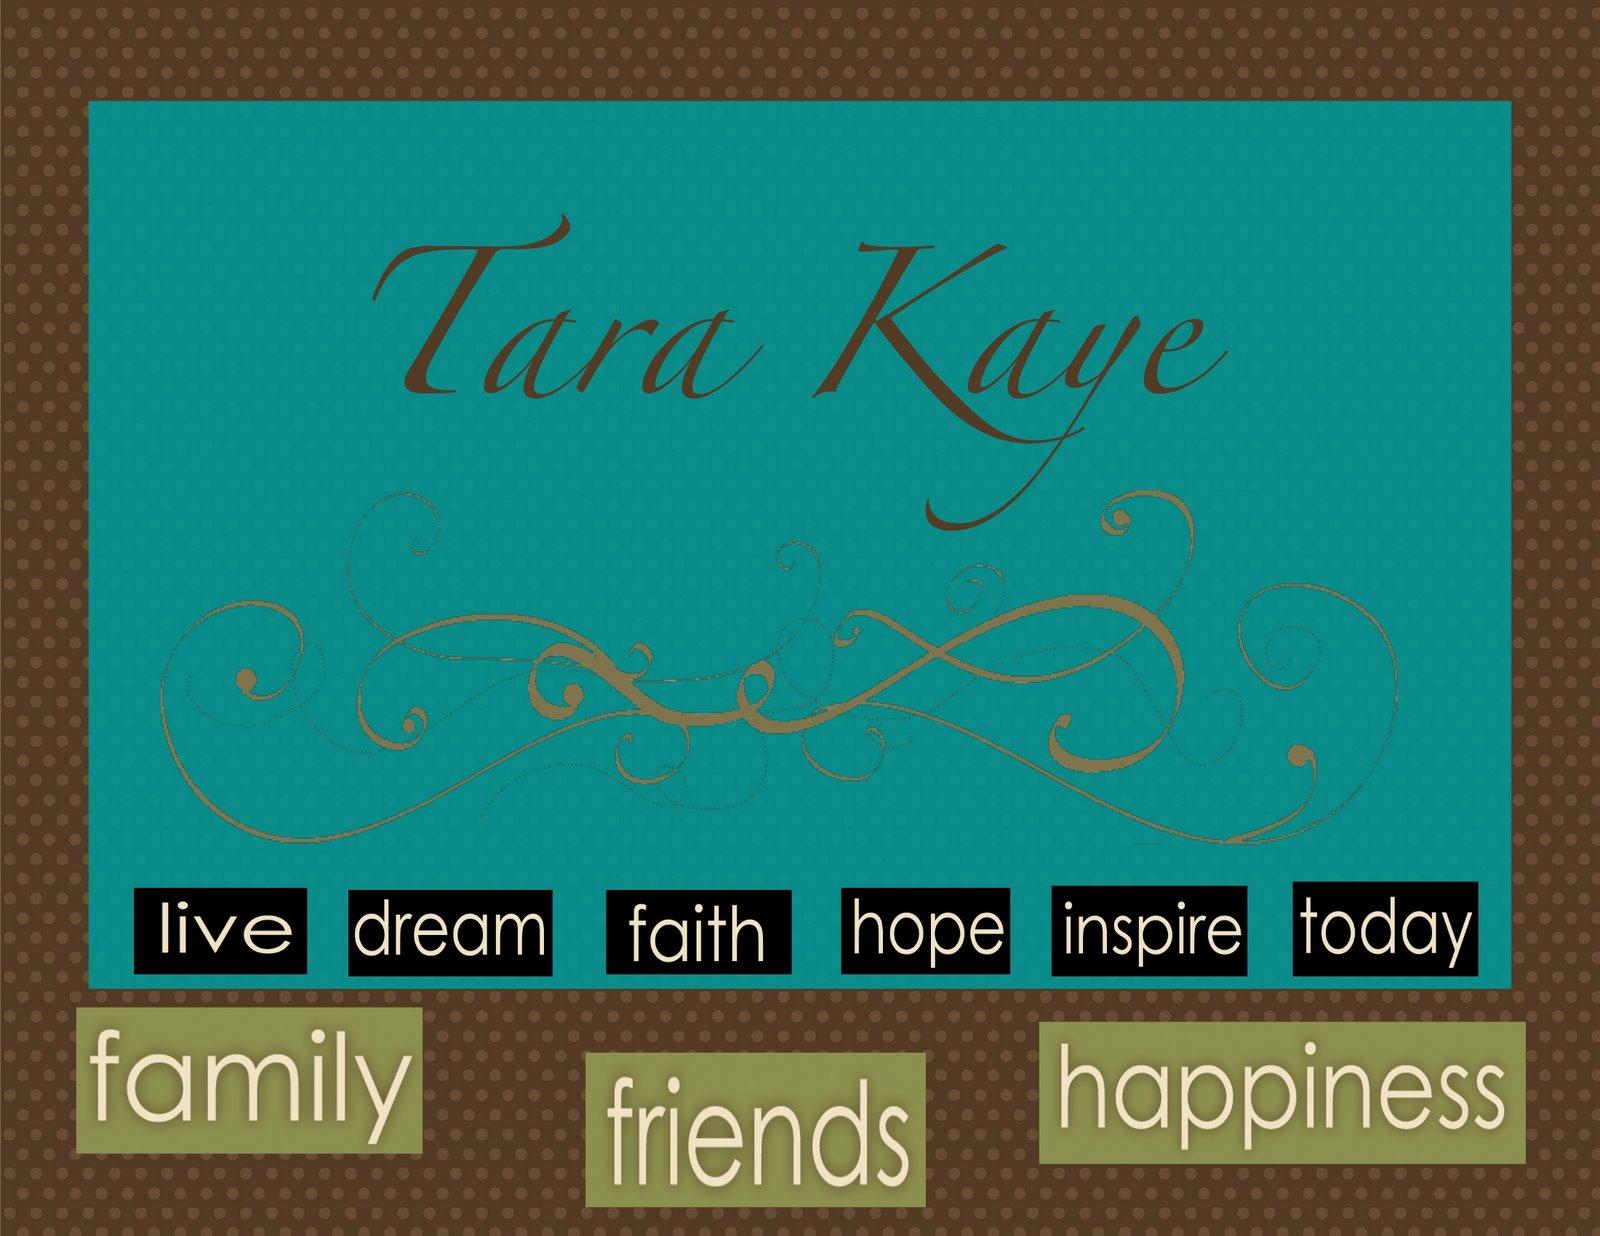 Tara Kaye